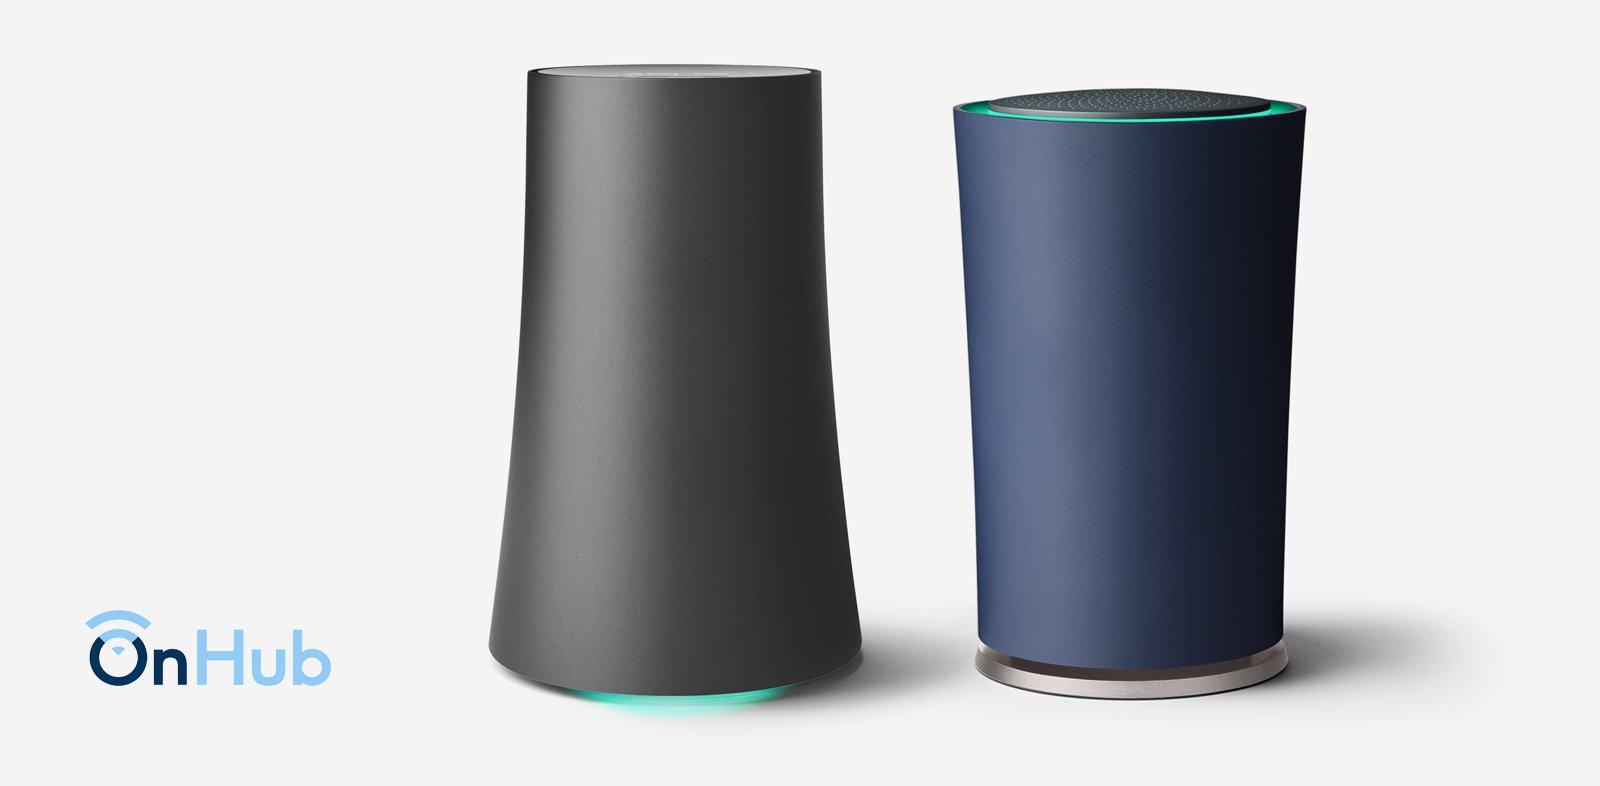 Y va Google, y te saca un router WiFi: OnHub